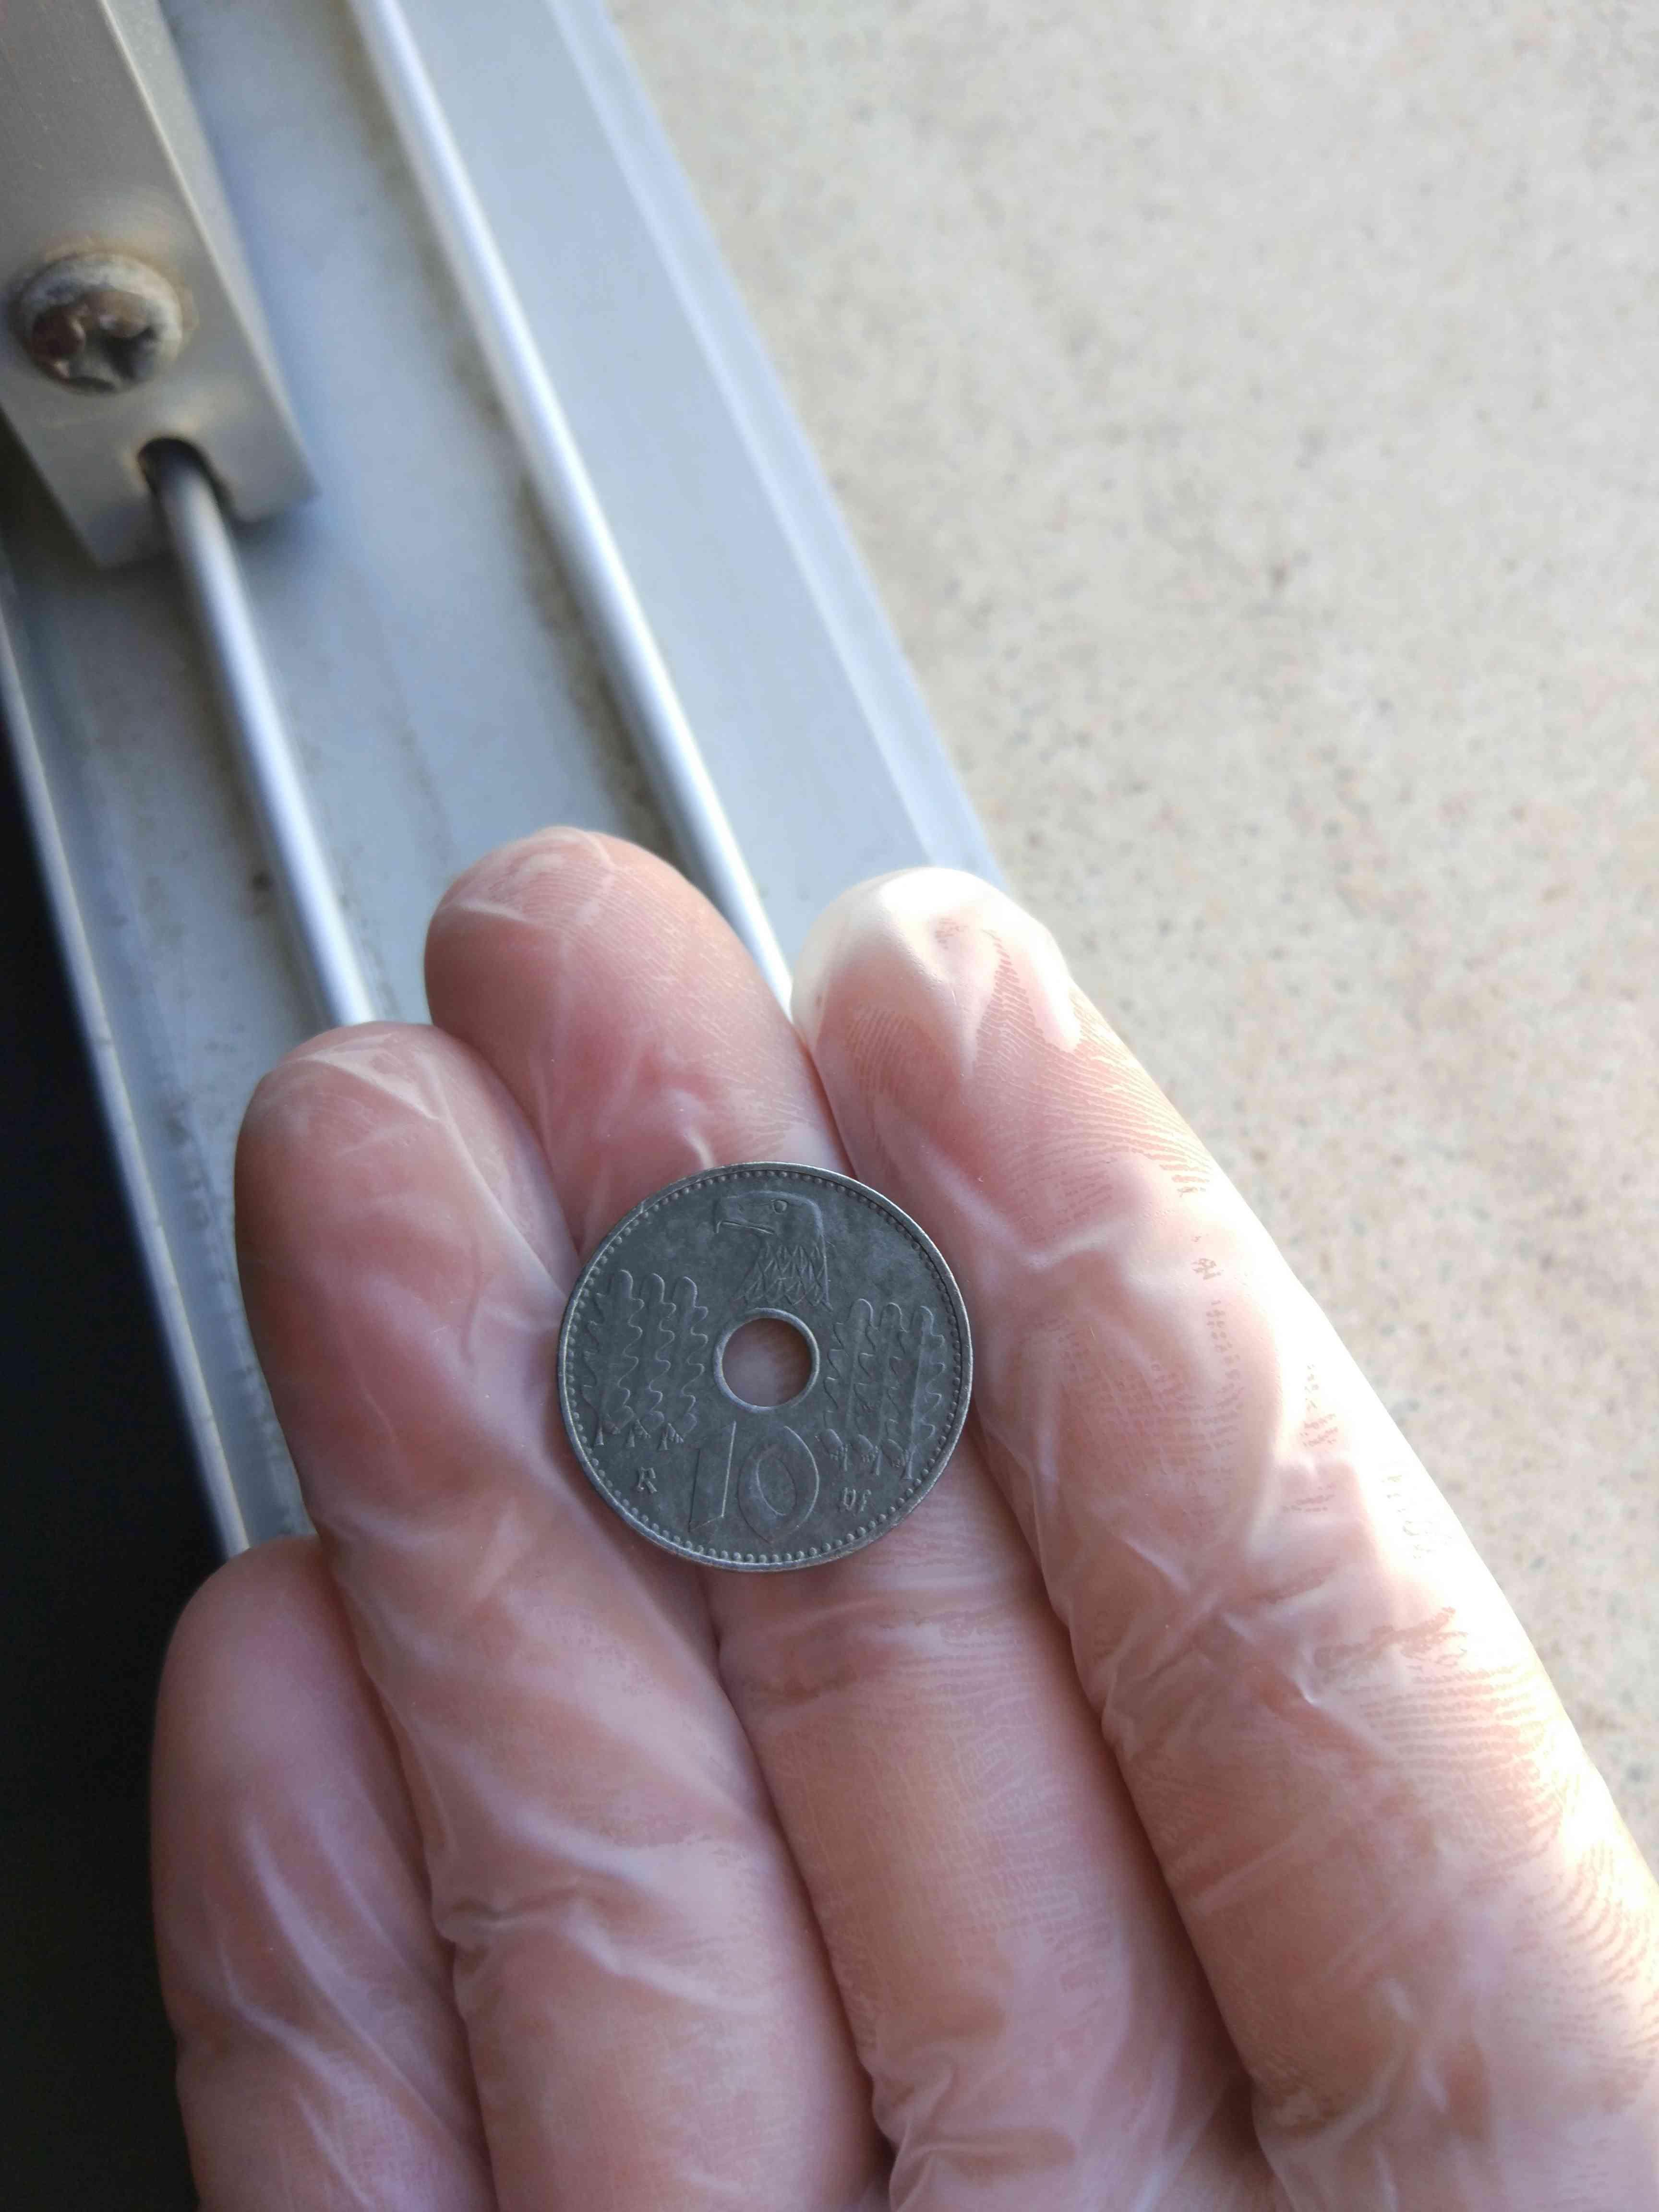 Opinad sobre la autenticidad de esta moneda del III Reich 210